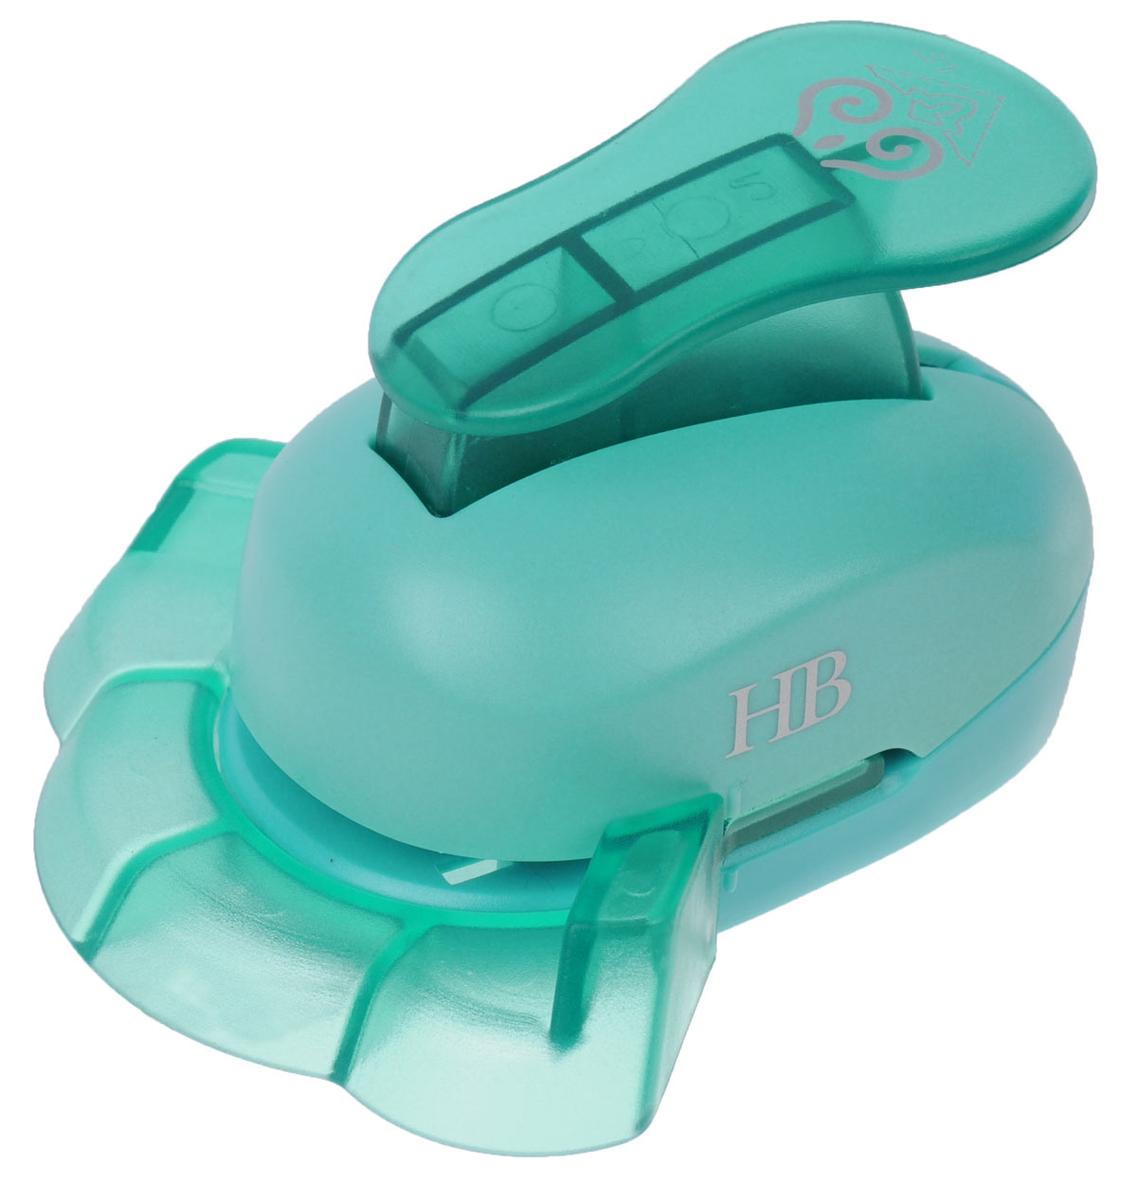 Дырокол фигурный Hobbyboom, угловой, цвет: бирюзовый, №5, 3,8 смKM-8815M-005Фигурный угловой дырокол Hobbyboom поможет вам легко, просто и аккуратно вырезать много одинаковых мелких фигурок.Режущие части компостера закрыты пластмассовым корпусом, что обеспечивает безопасность для детей. Вырезанные фигурки накапливаются в специальном резервуаре. Можно использовать вырезанные мотивы как конфетти или для наклеивания. Угловой дырокол подходит для разных техник: декупажа, скрапбукинга, декорирования. Рекомендуемая плотность бумаги - 120-180 г/м2. Размер готовой фигурки: 3,8 см х 2 см.